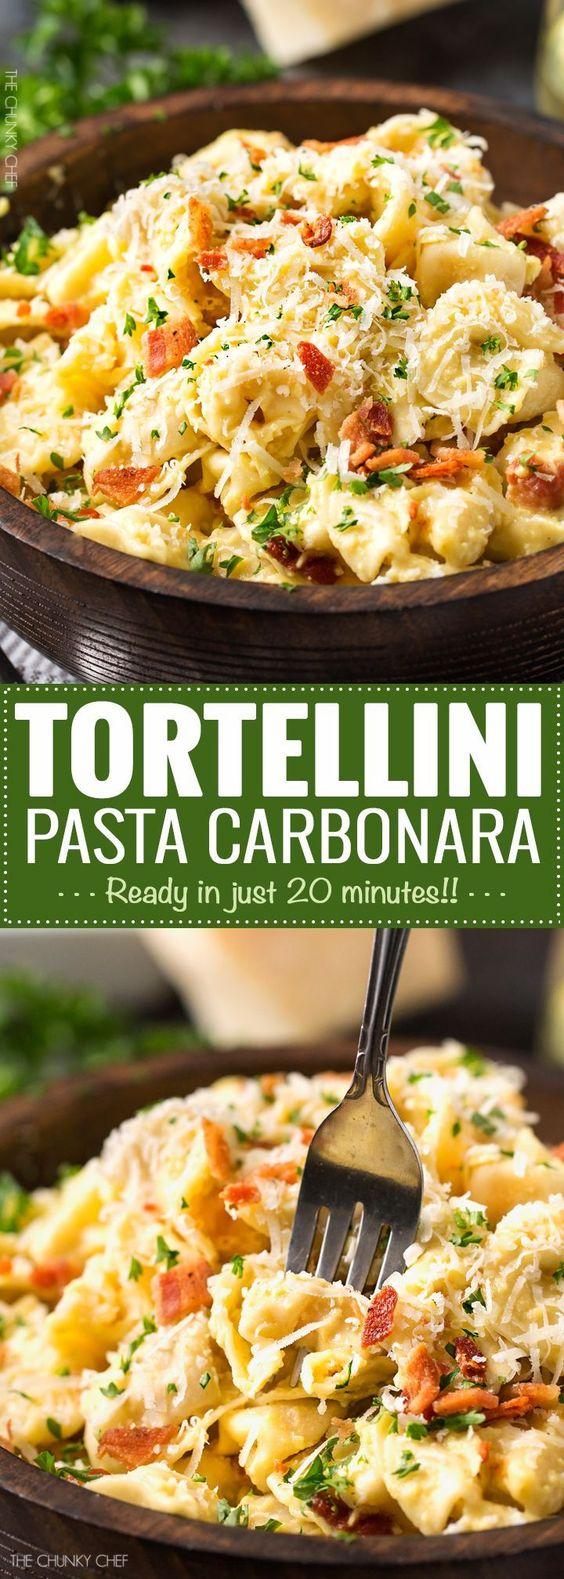 20 MINUTE TORTELLINI PASTA CARBONARA  #quickrecipes #tortellini #pasta #pastarecipes #easypastarecipes #carbonara